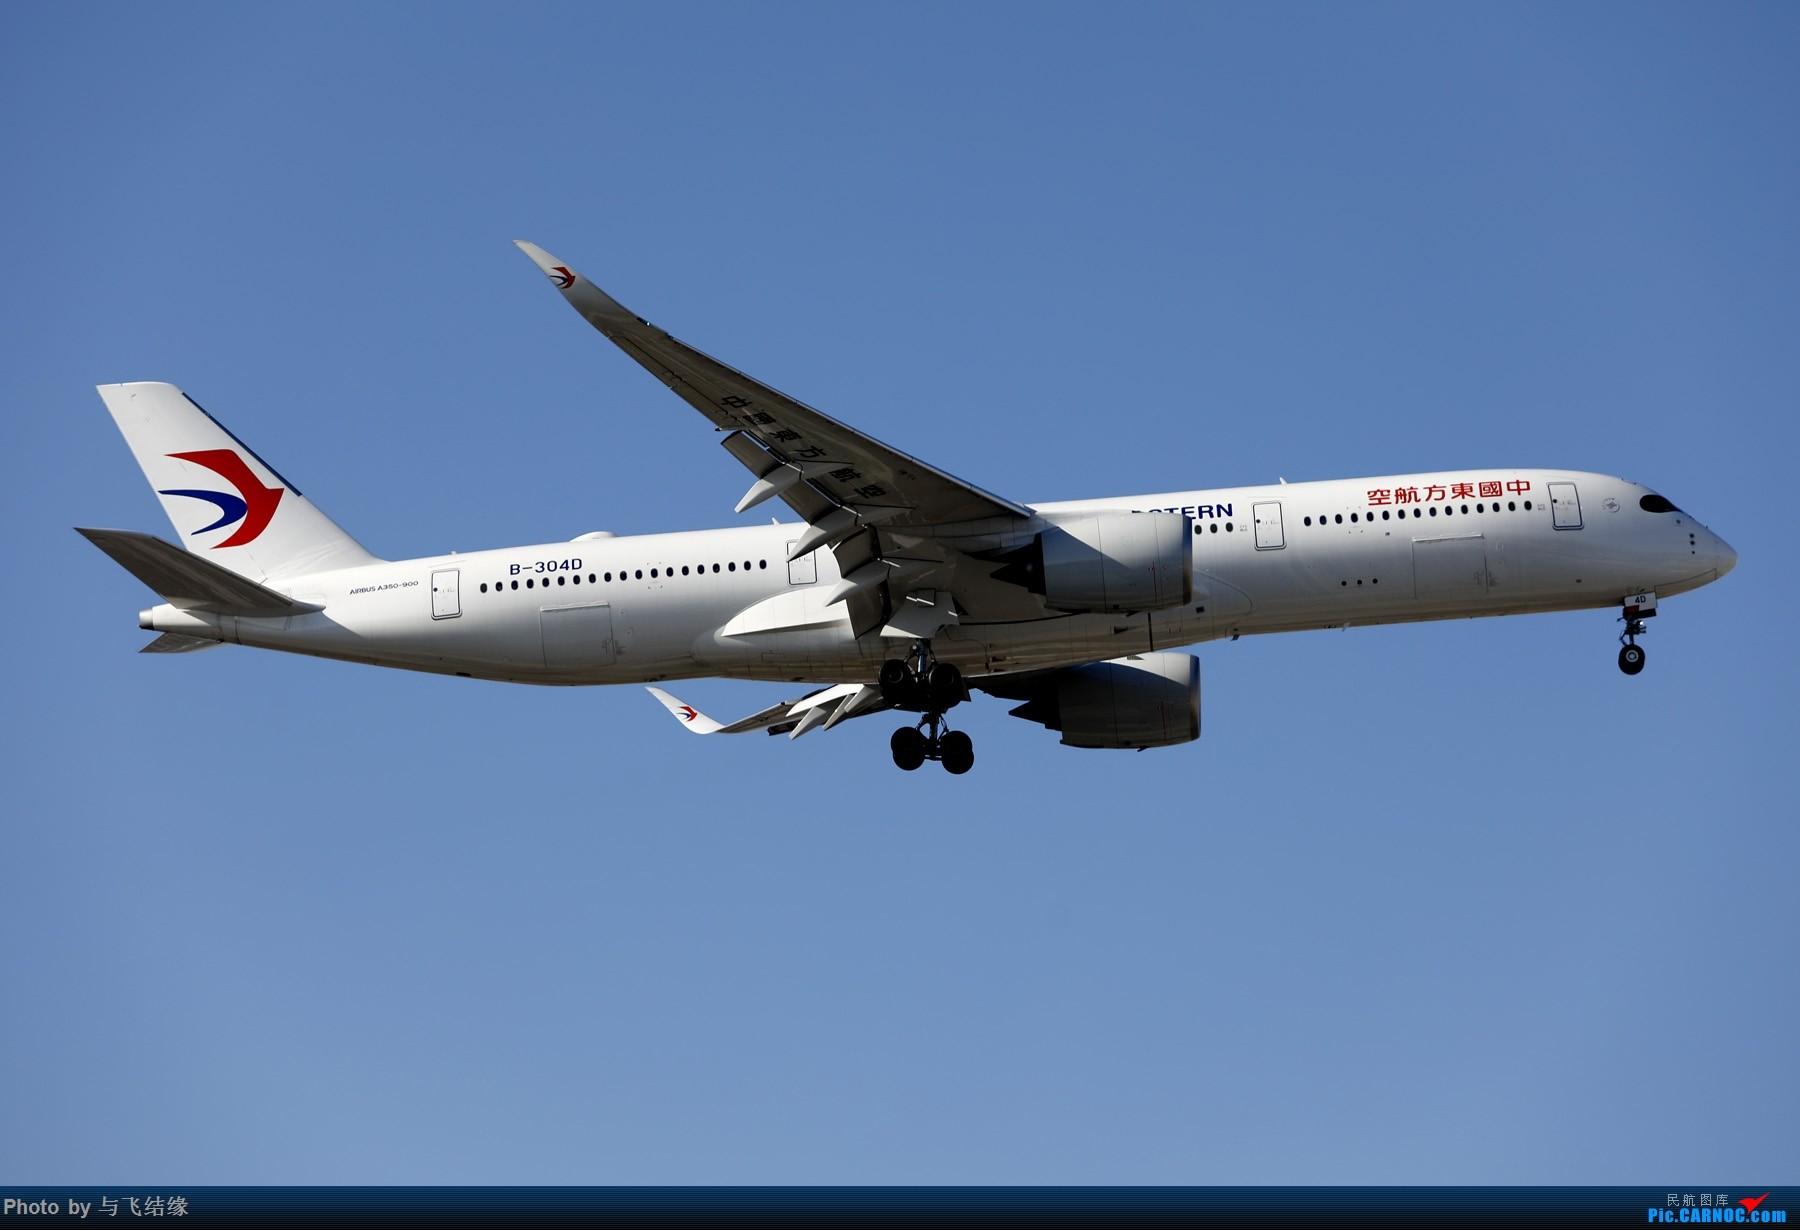 Re:[原创]近期的几张图,以空客为主吧。 AIRBUS A350-900 B-304D 中国北京首都国际机场